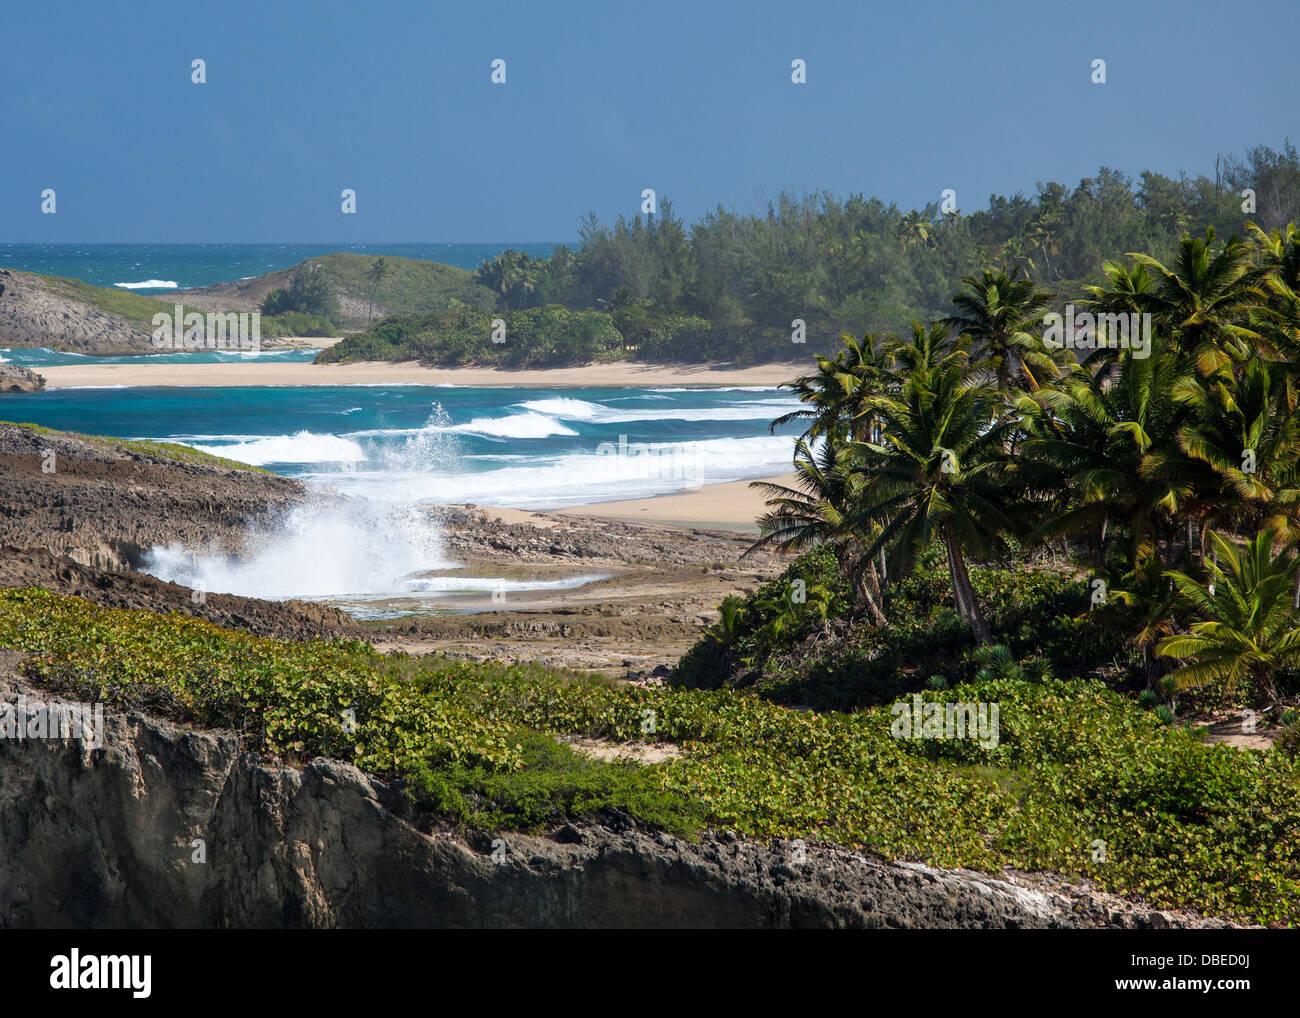 Plages de Punta Palmas Altas sur la côte nord de Puerto Rico. Banque D'Images